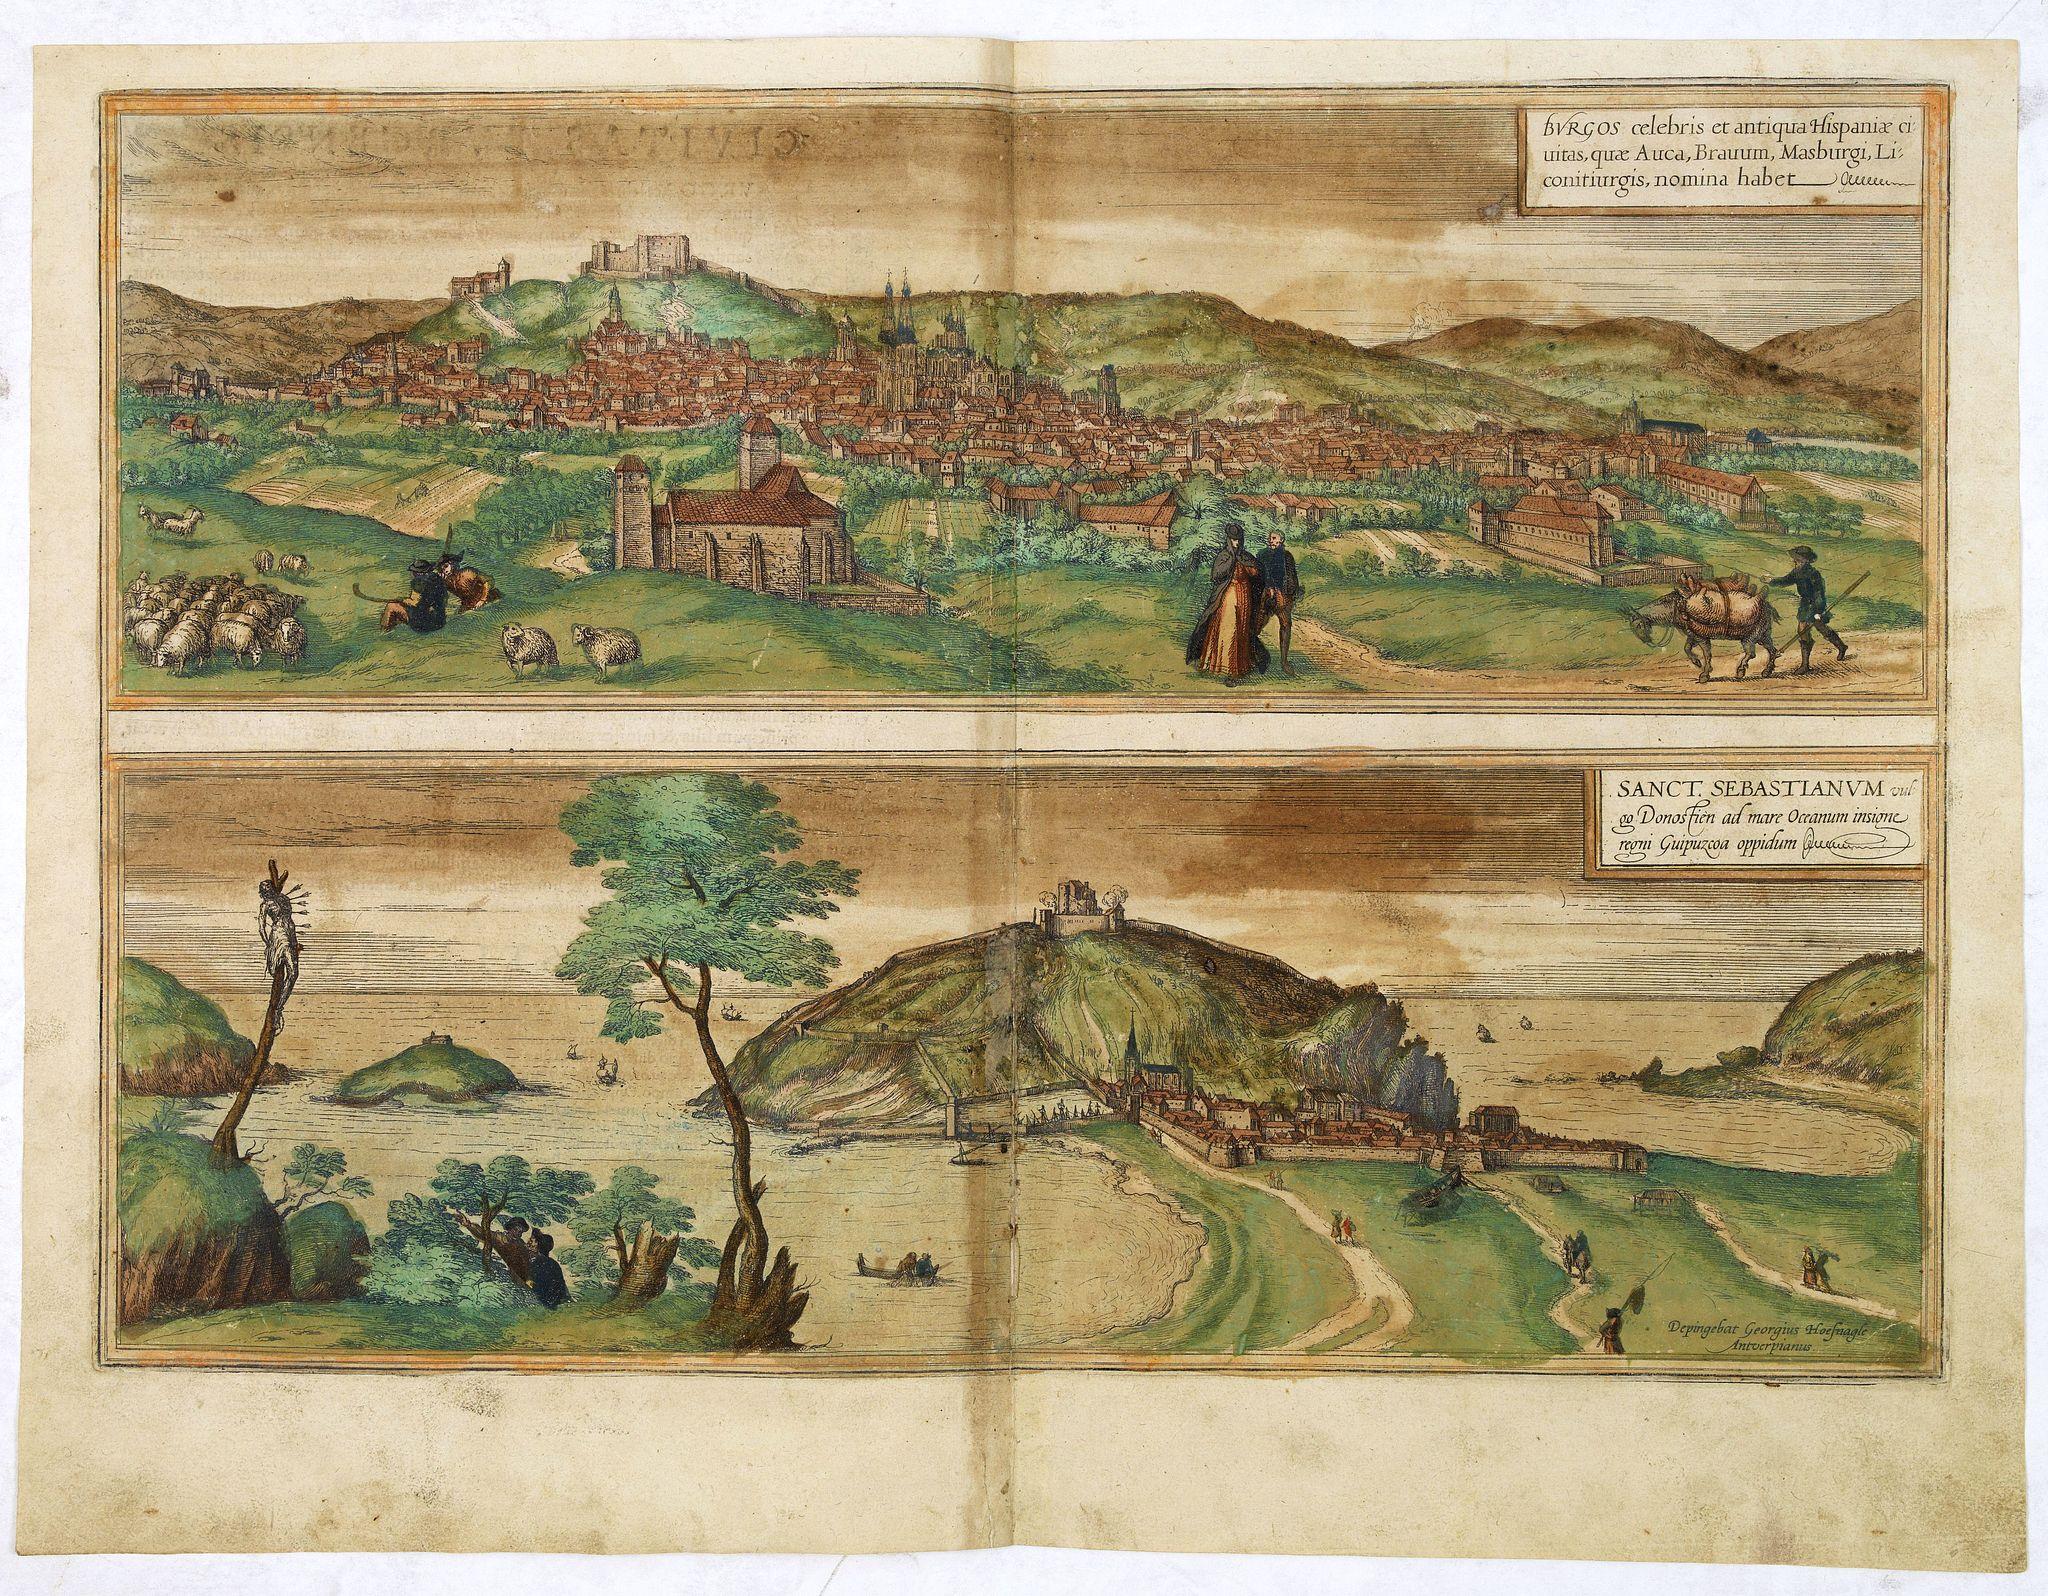 BRAUN,G. / HOGENBERG, F. -  Burgos celebris et antiqua Hispaniae civitas, . . . [on sheet with] Sanct. Sebastianum vulgo Donosien ad Occanum . . .